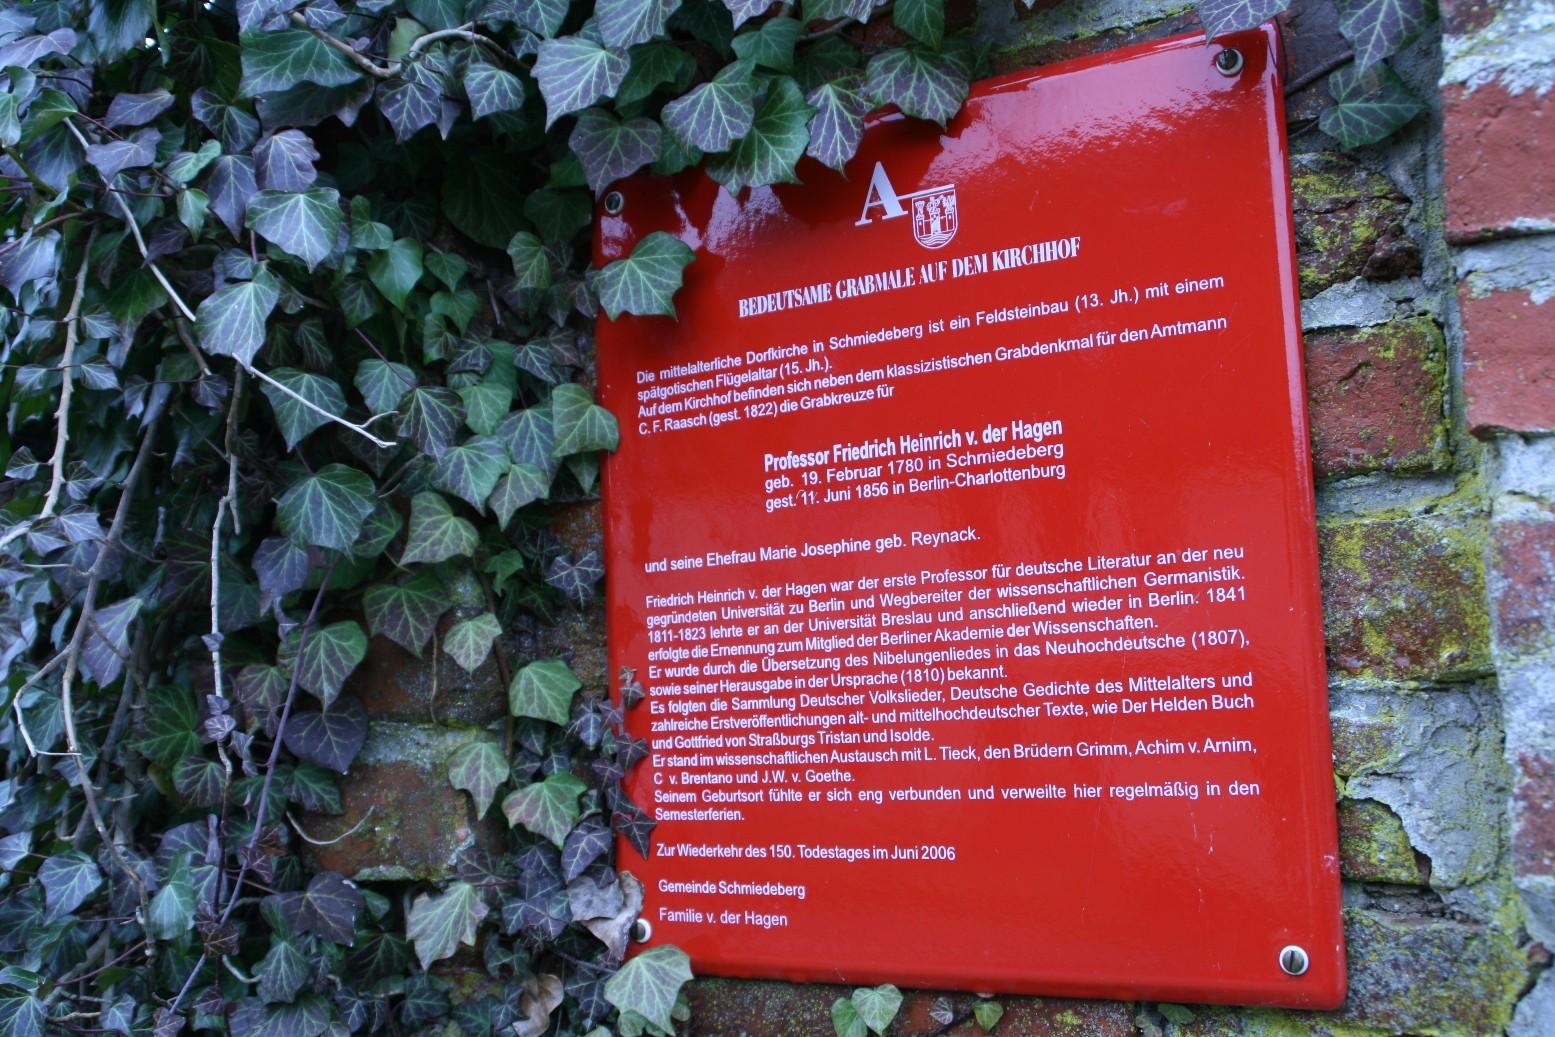 Eine Tafel an der Friedhofsmauer weist auf die Gräber Friedrich Heinrichs von der Hagen und seiner Frau hin.